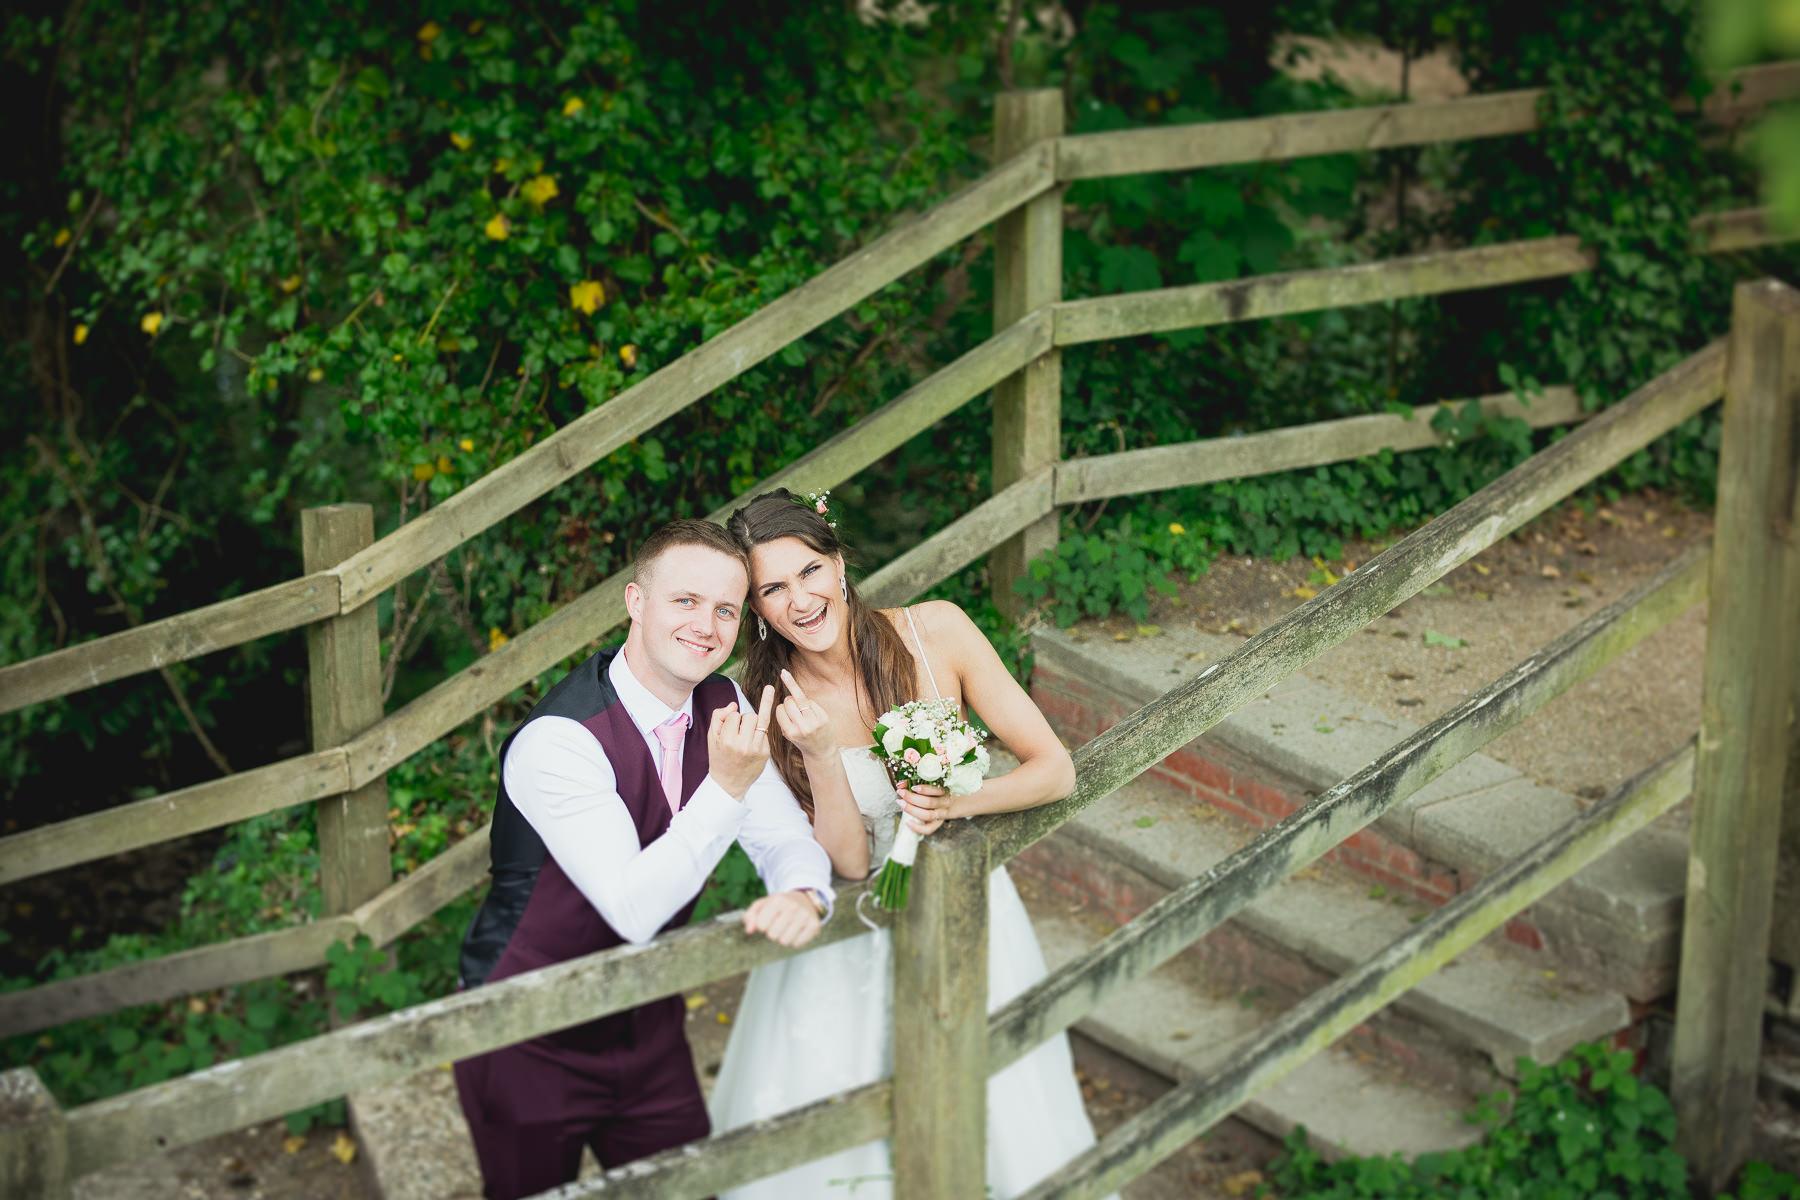 Dangira & Ignas Chichester Weddings VILCINSKAITE PHOTO 17.jpg